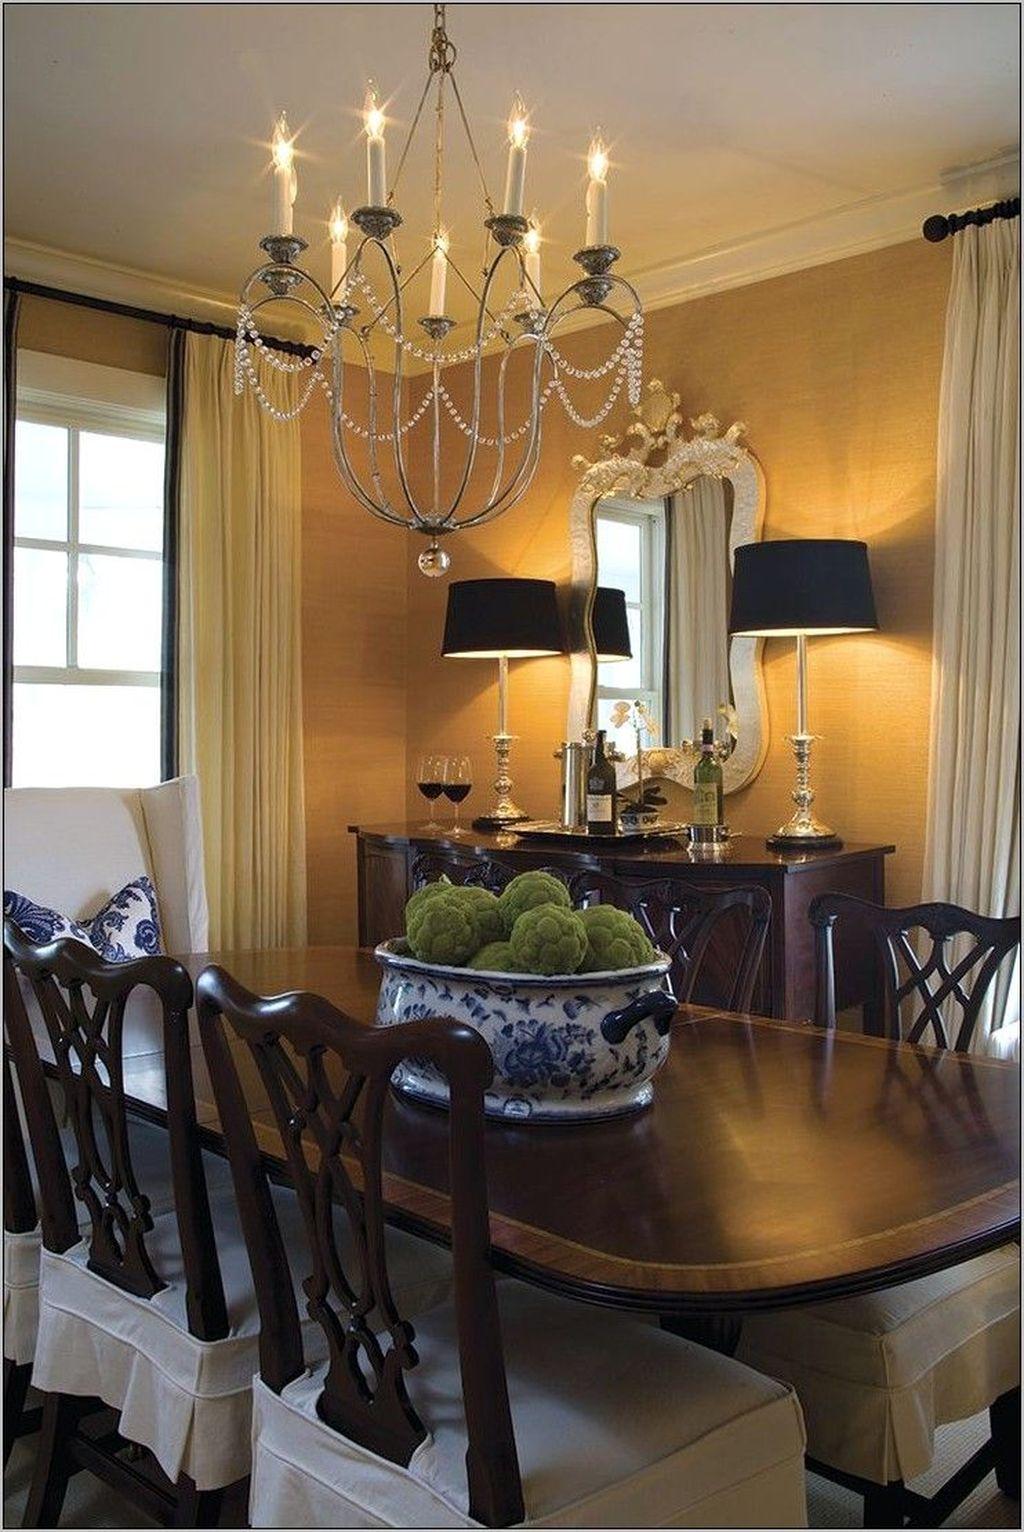 Inspiring Dining Room Buffet Decor Ideas 10